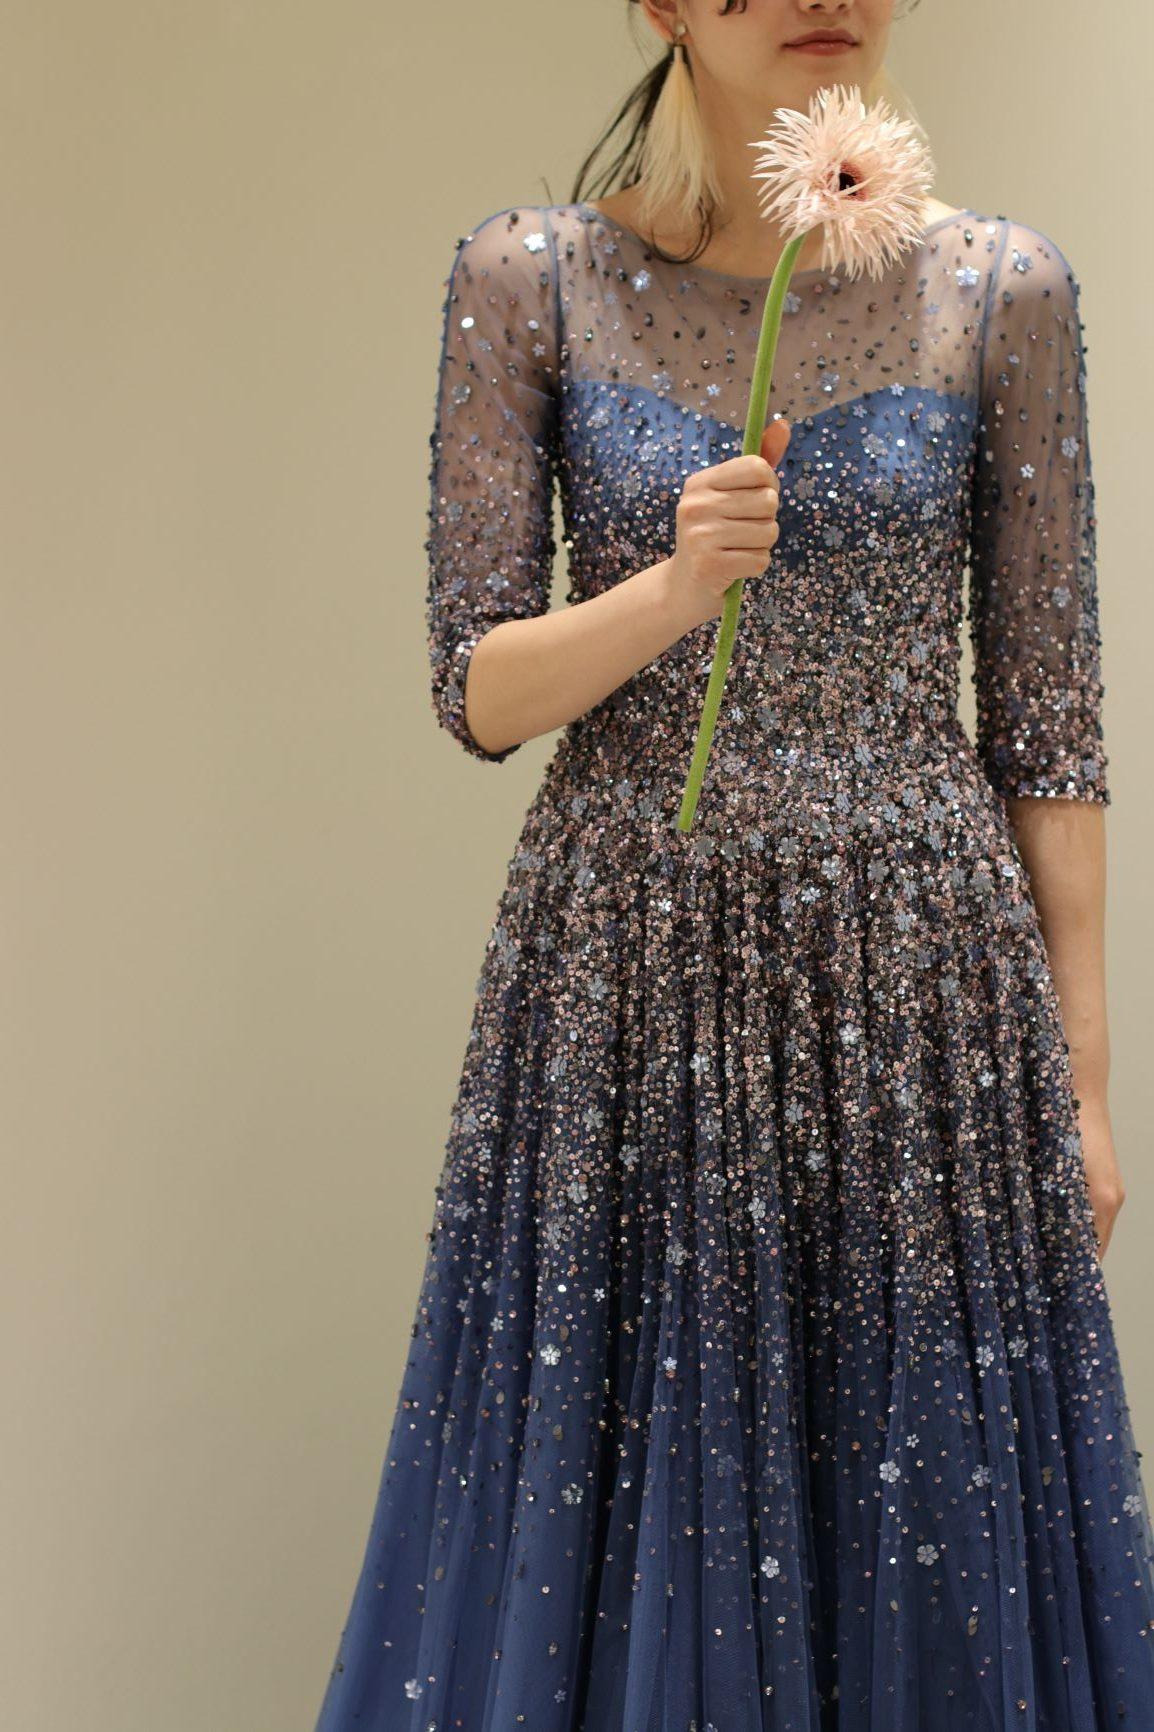 春や夏の結婚式におすすめしたい、ネイビーカラーのドレスはお洒落さを求める花嫁様におすすめしたいロングスリーブドレスです